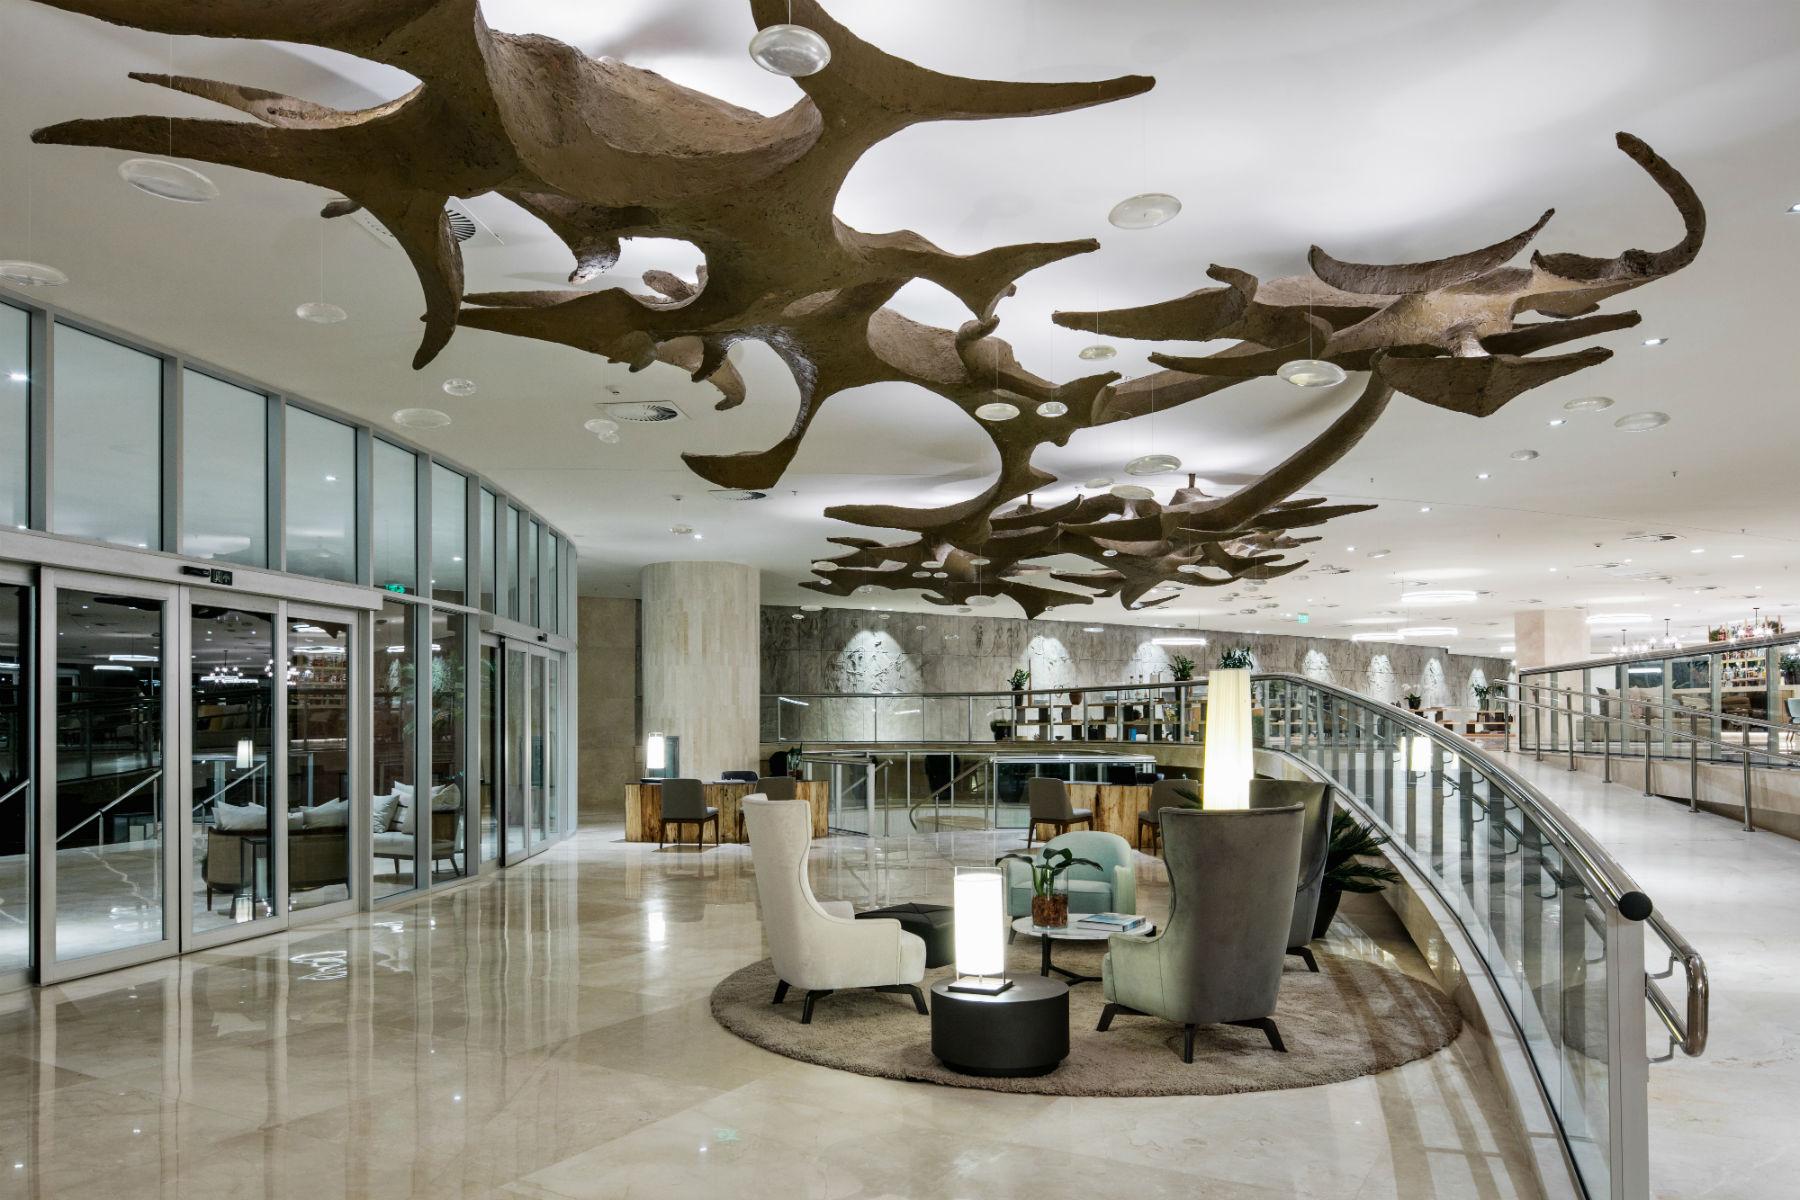 O lobby de 3 mil metros quadrados sem pilastras do projeto de Niemeyer para o Hotel Nacional (Foto Carla Lencastre)